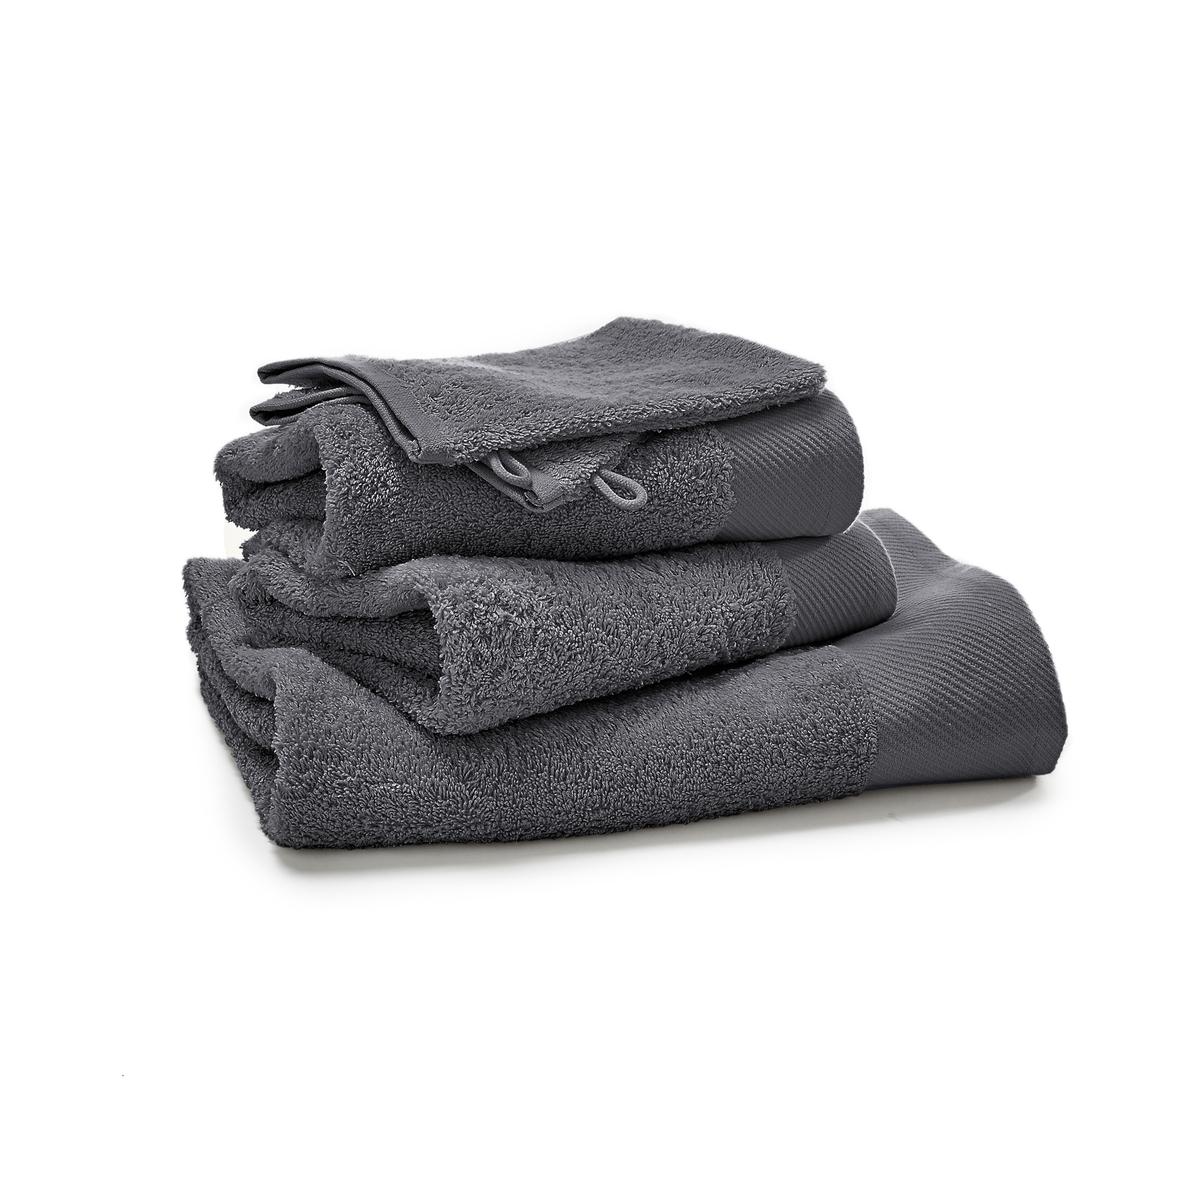 Комплект из однотонных банных La Redoute Принадлежностей из махровой ткани гм SCENARIO единый размер серый полотенце la redoute для рук из махровой ткани хлопок с люверсом единый размер бежевый